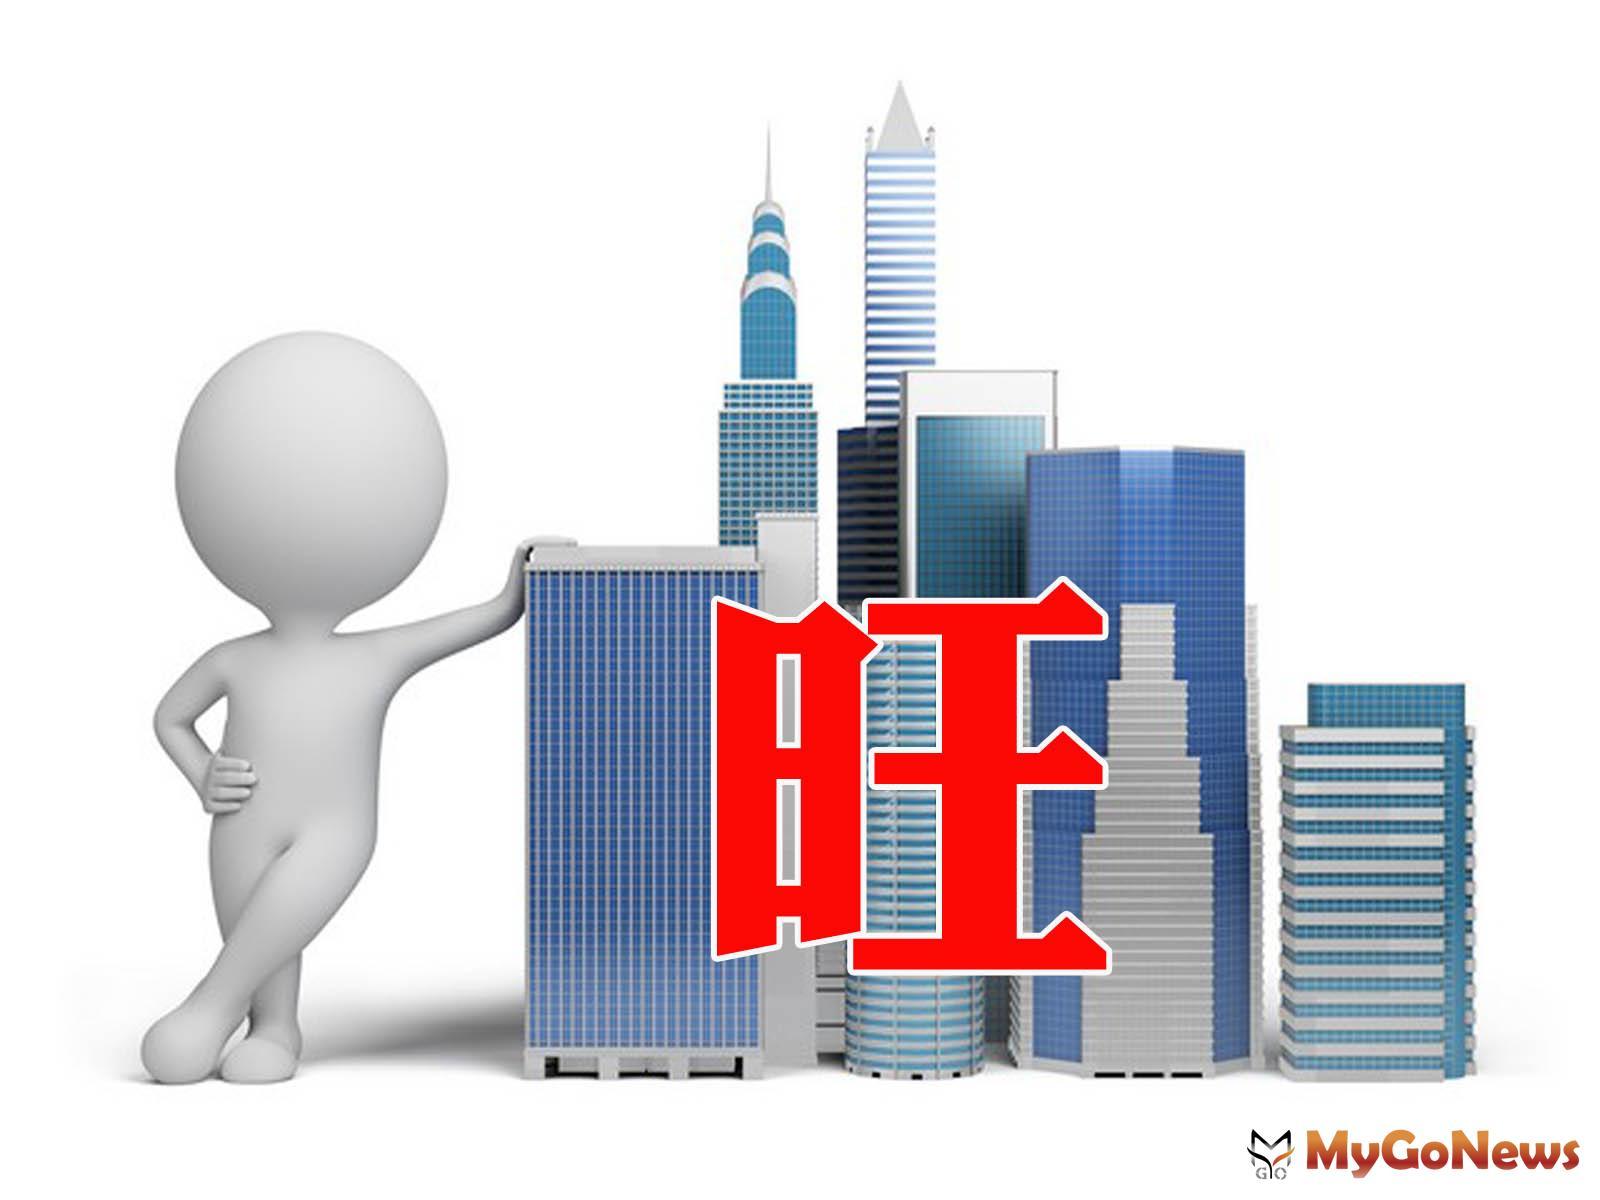 台灣房屋:網友票選2020房市代表字-「旺」 MyGoNews房地產新聞 市場快訊